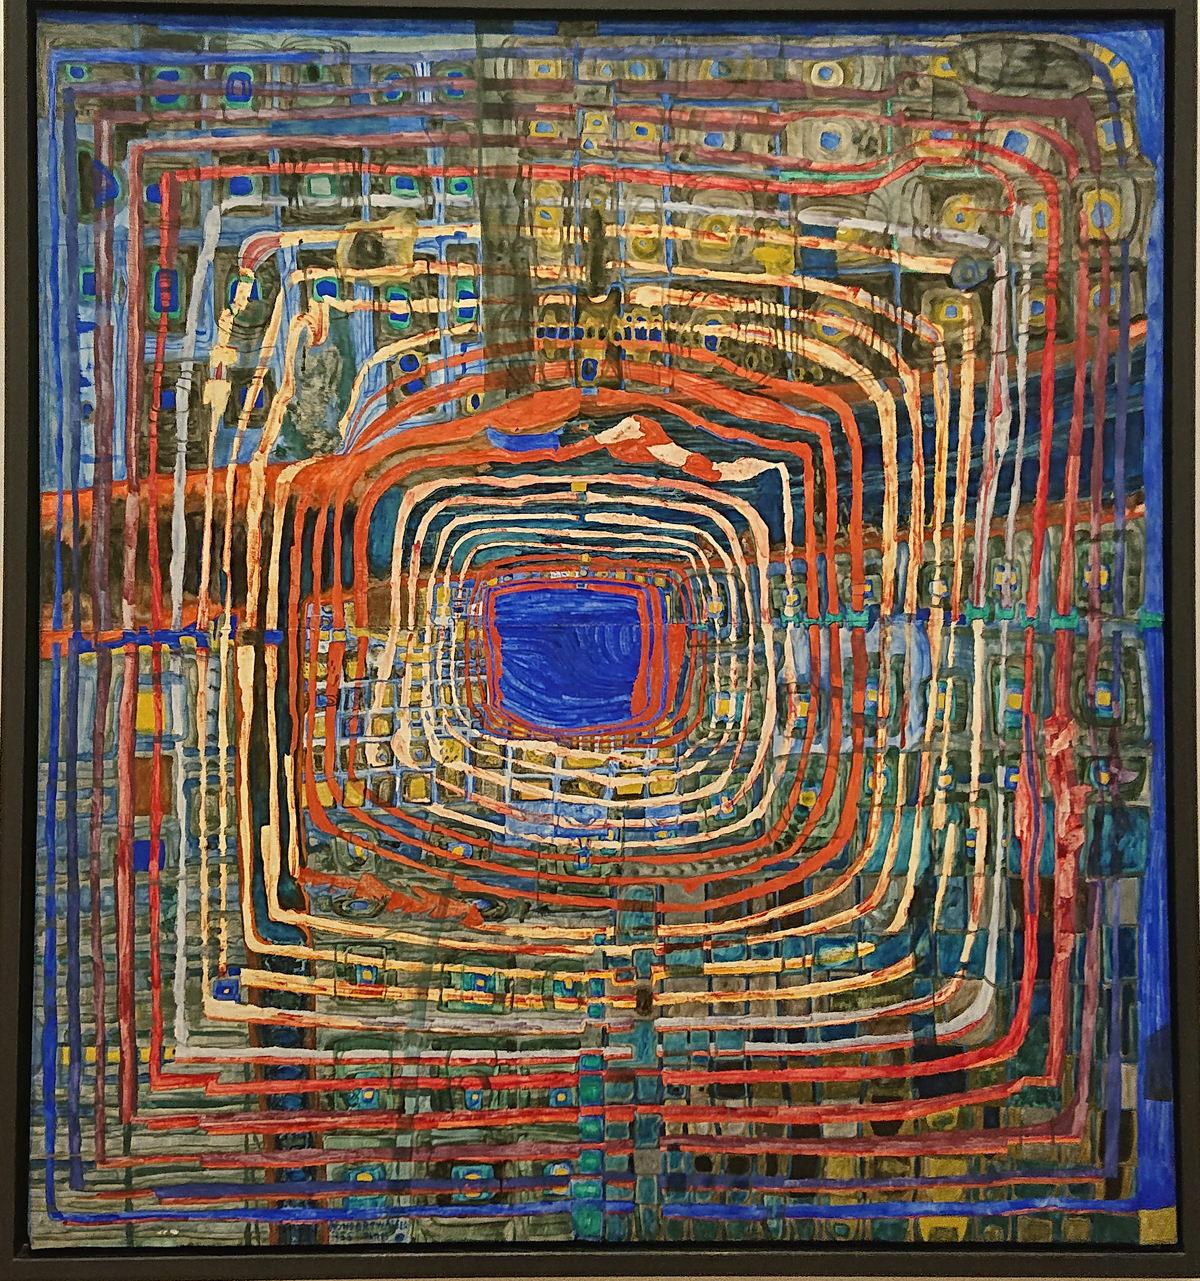 Albertina Modern - Hundertwasser - www.wien-erleben.com